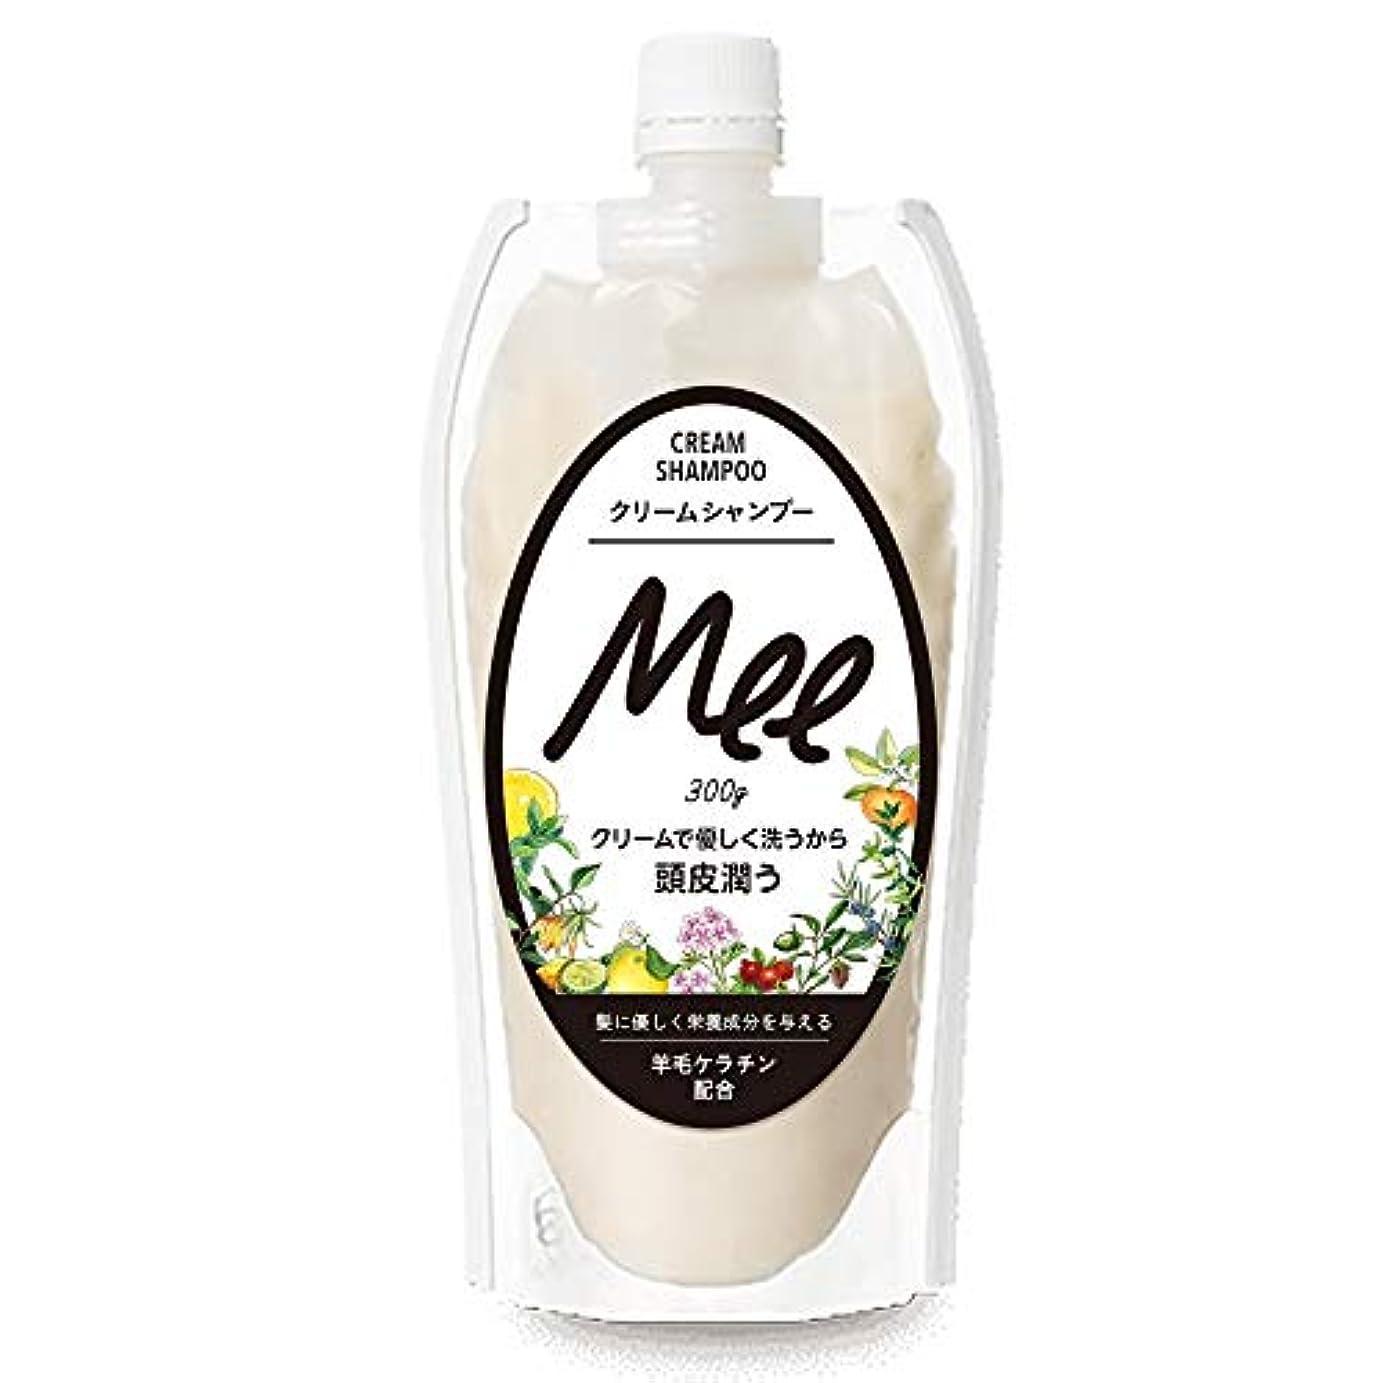 洗えるヘアトリートメント Mee 300g クリームシャンプー 皮脂 乾燥肌 ダメージケア 大容量 時短